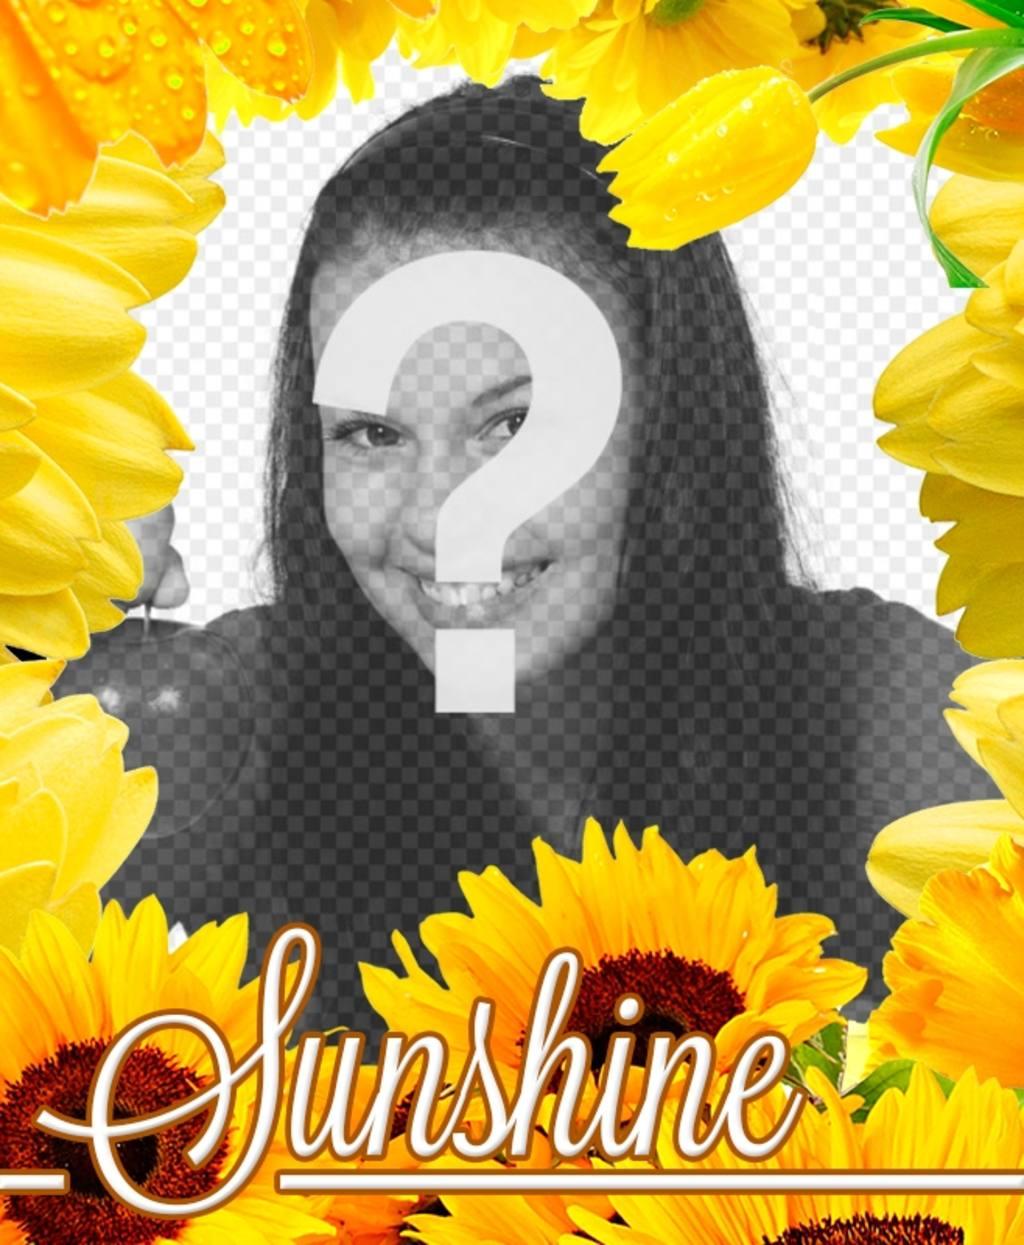 Cadre photo faite de fleurs jaunes, comme les tulipes et tournesols pour mettre votre photo de fond